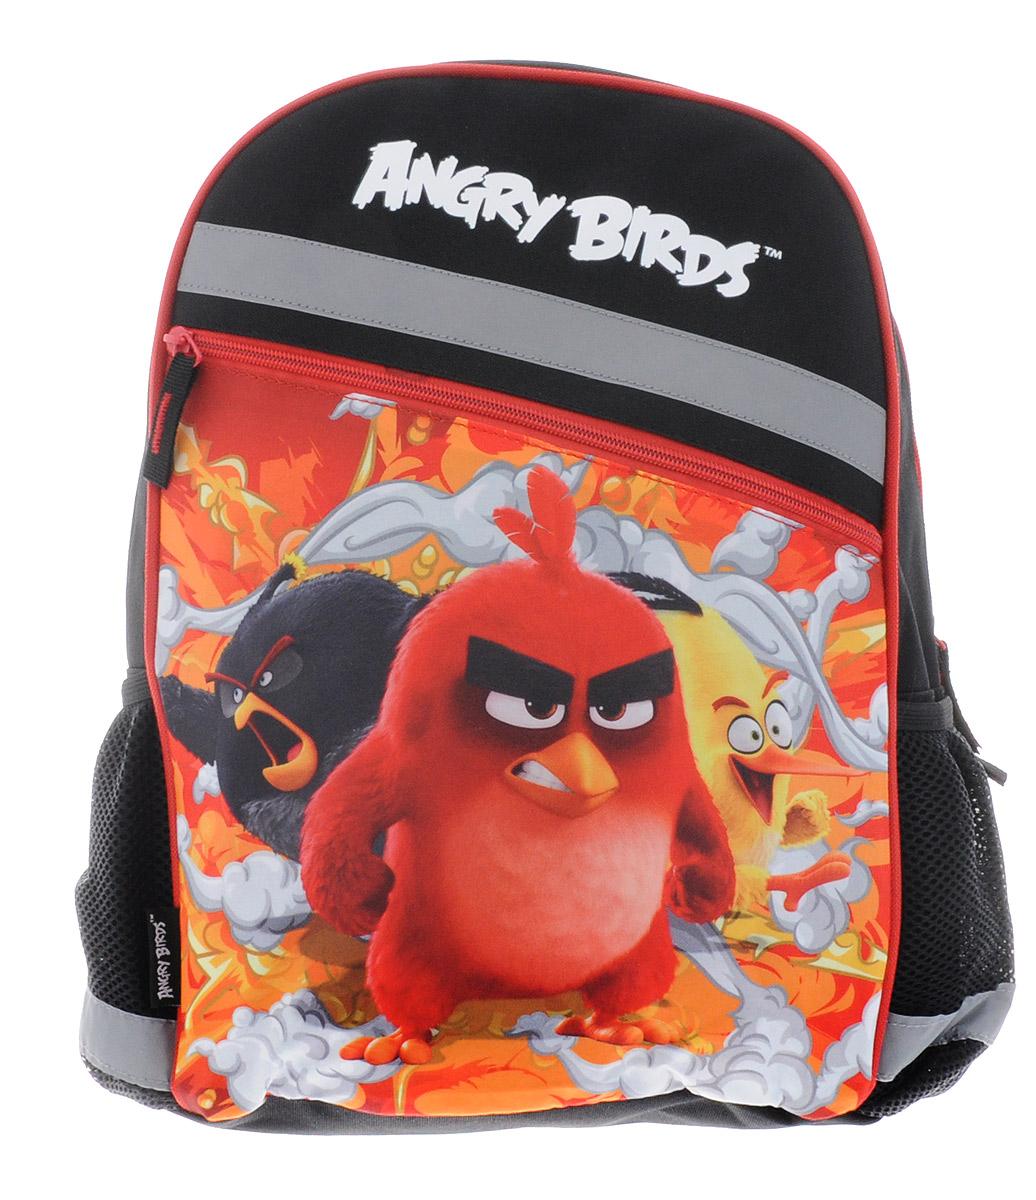 Купить Angry Birds Рюкзак детский цвет горький шоколад, Kinderline International Ltd., Ранцы и рюкзаки